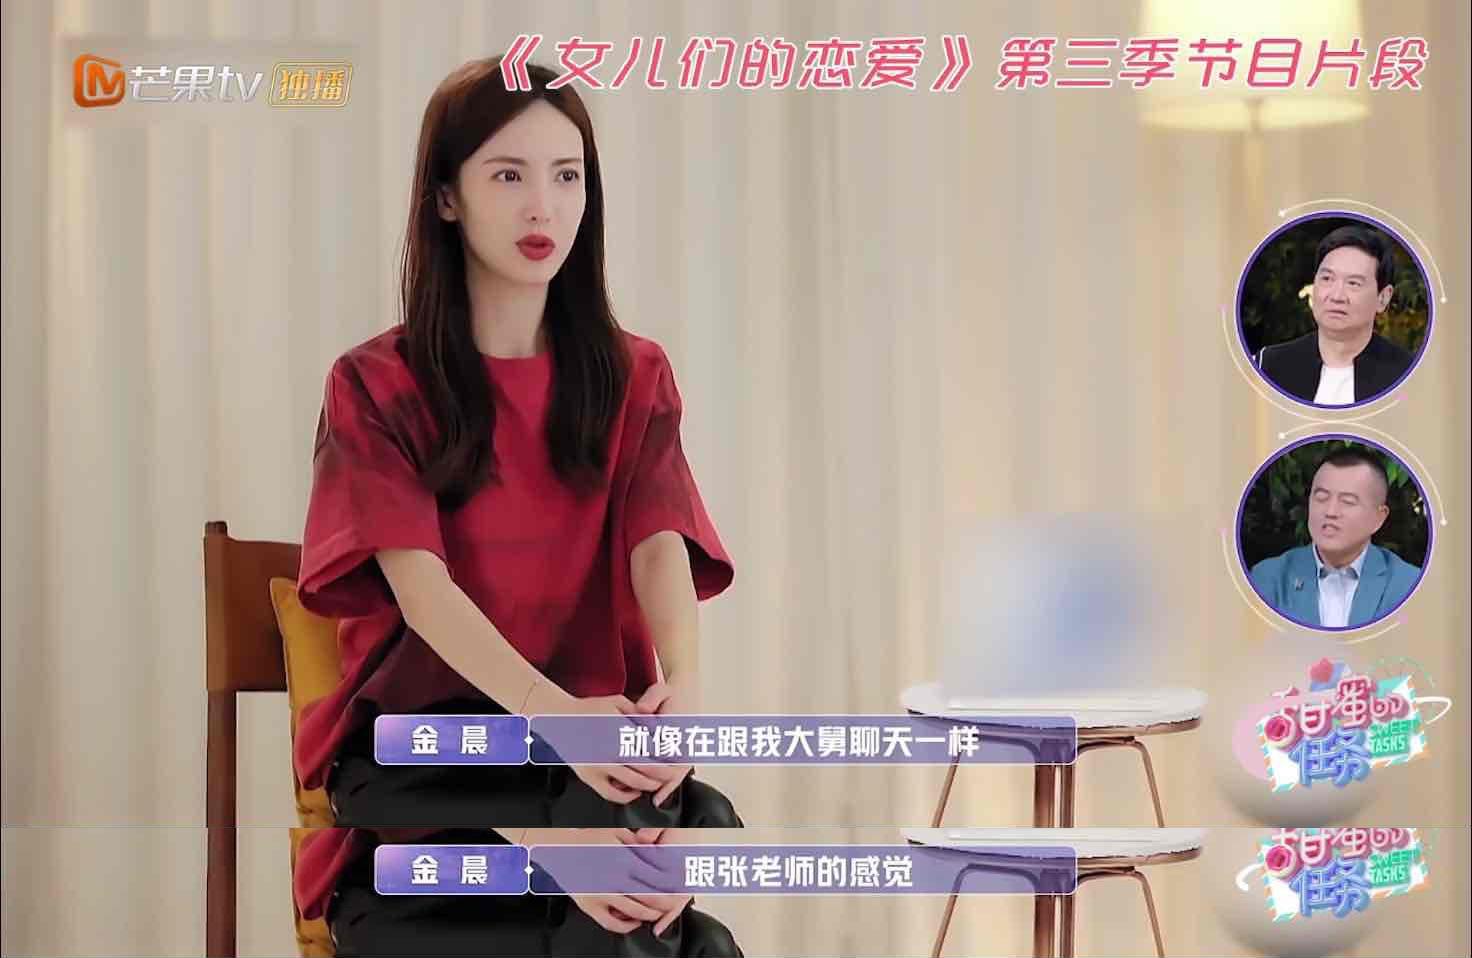 金晨自曝会给恋人备注接地气昵称比如二舅,这是和张继科有戏?